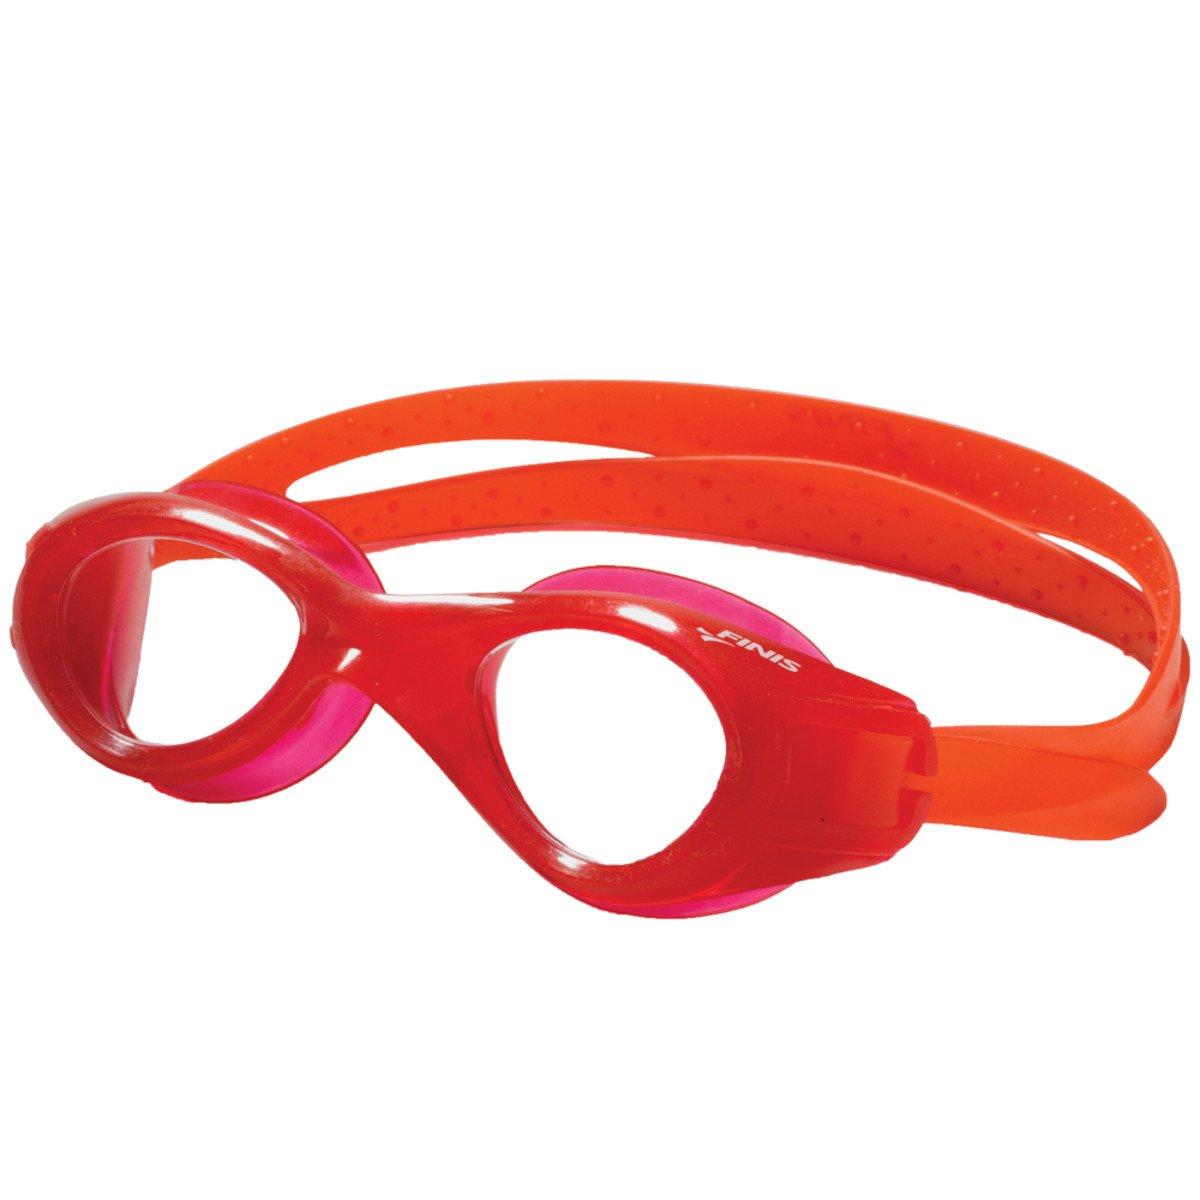 Nitro Goggles